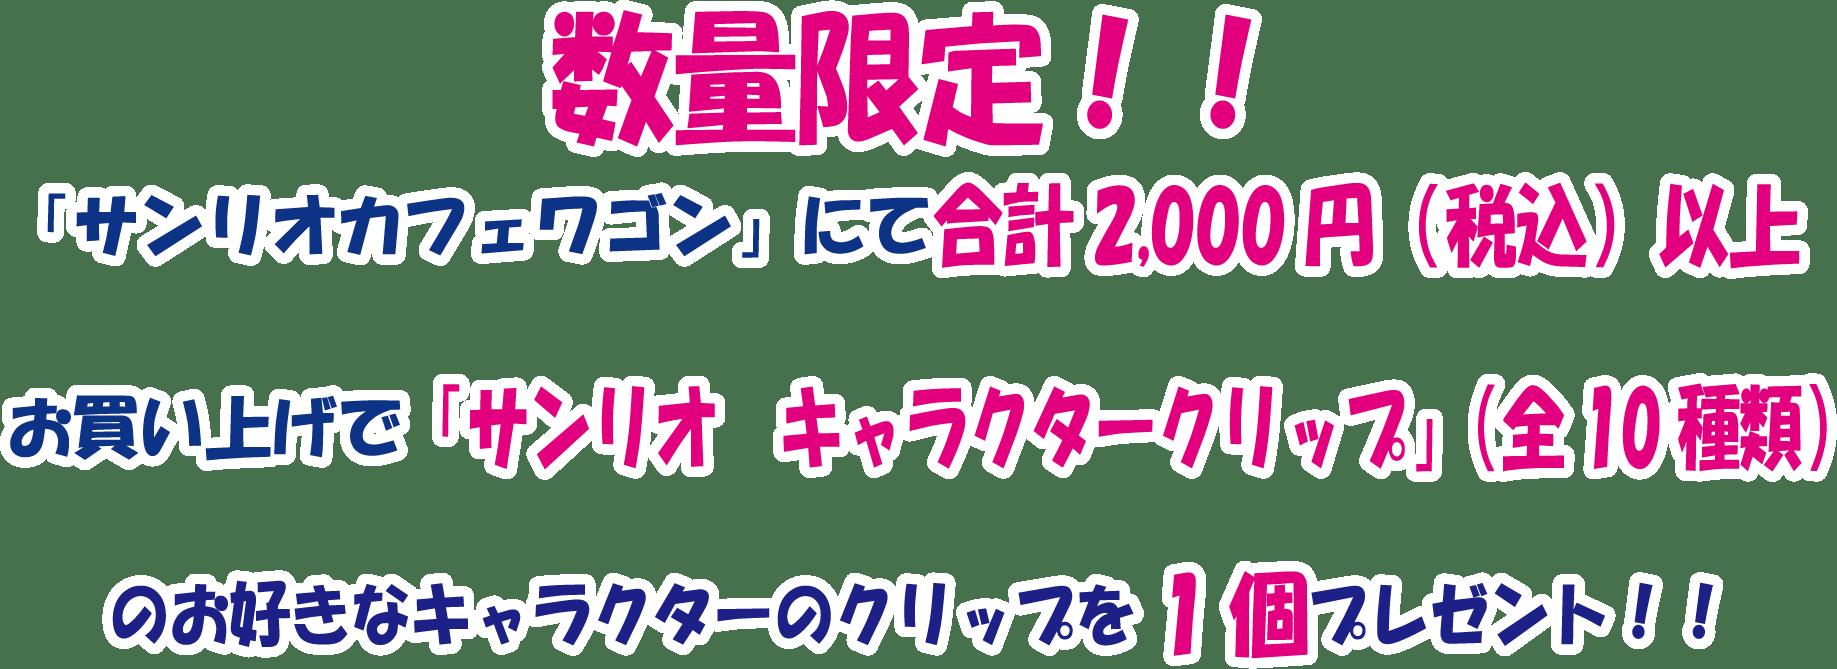 数量限定!!「サンリオカフェワゴン」にて合計2,000円(税込)以上お買い上げで「サンリオ キャラクタークリップ」を1個プレゼント!!